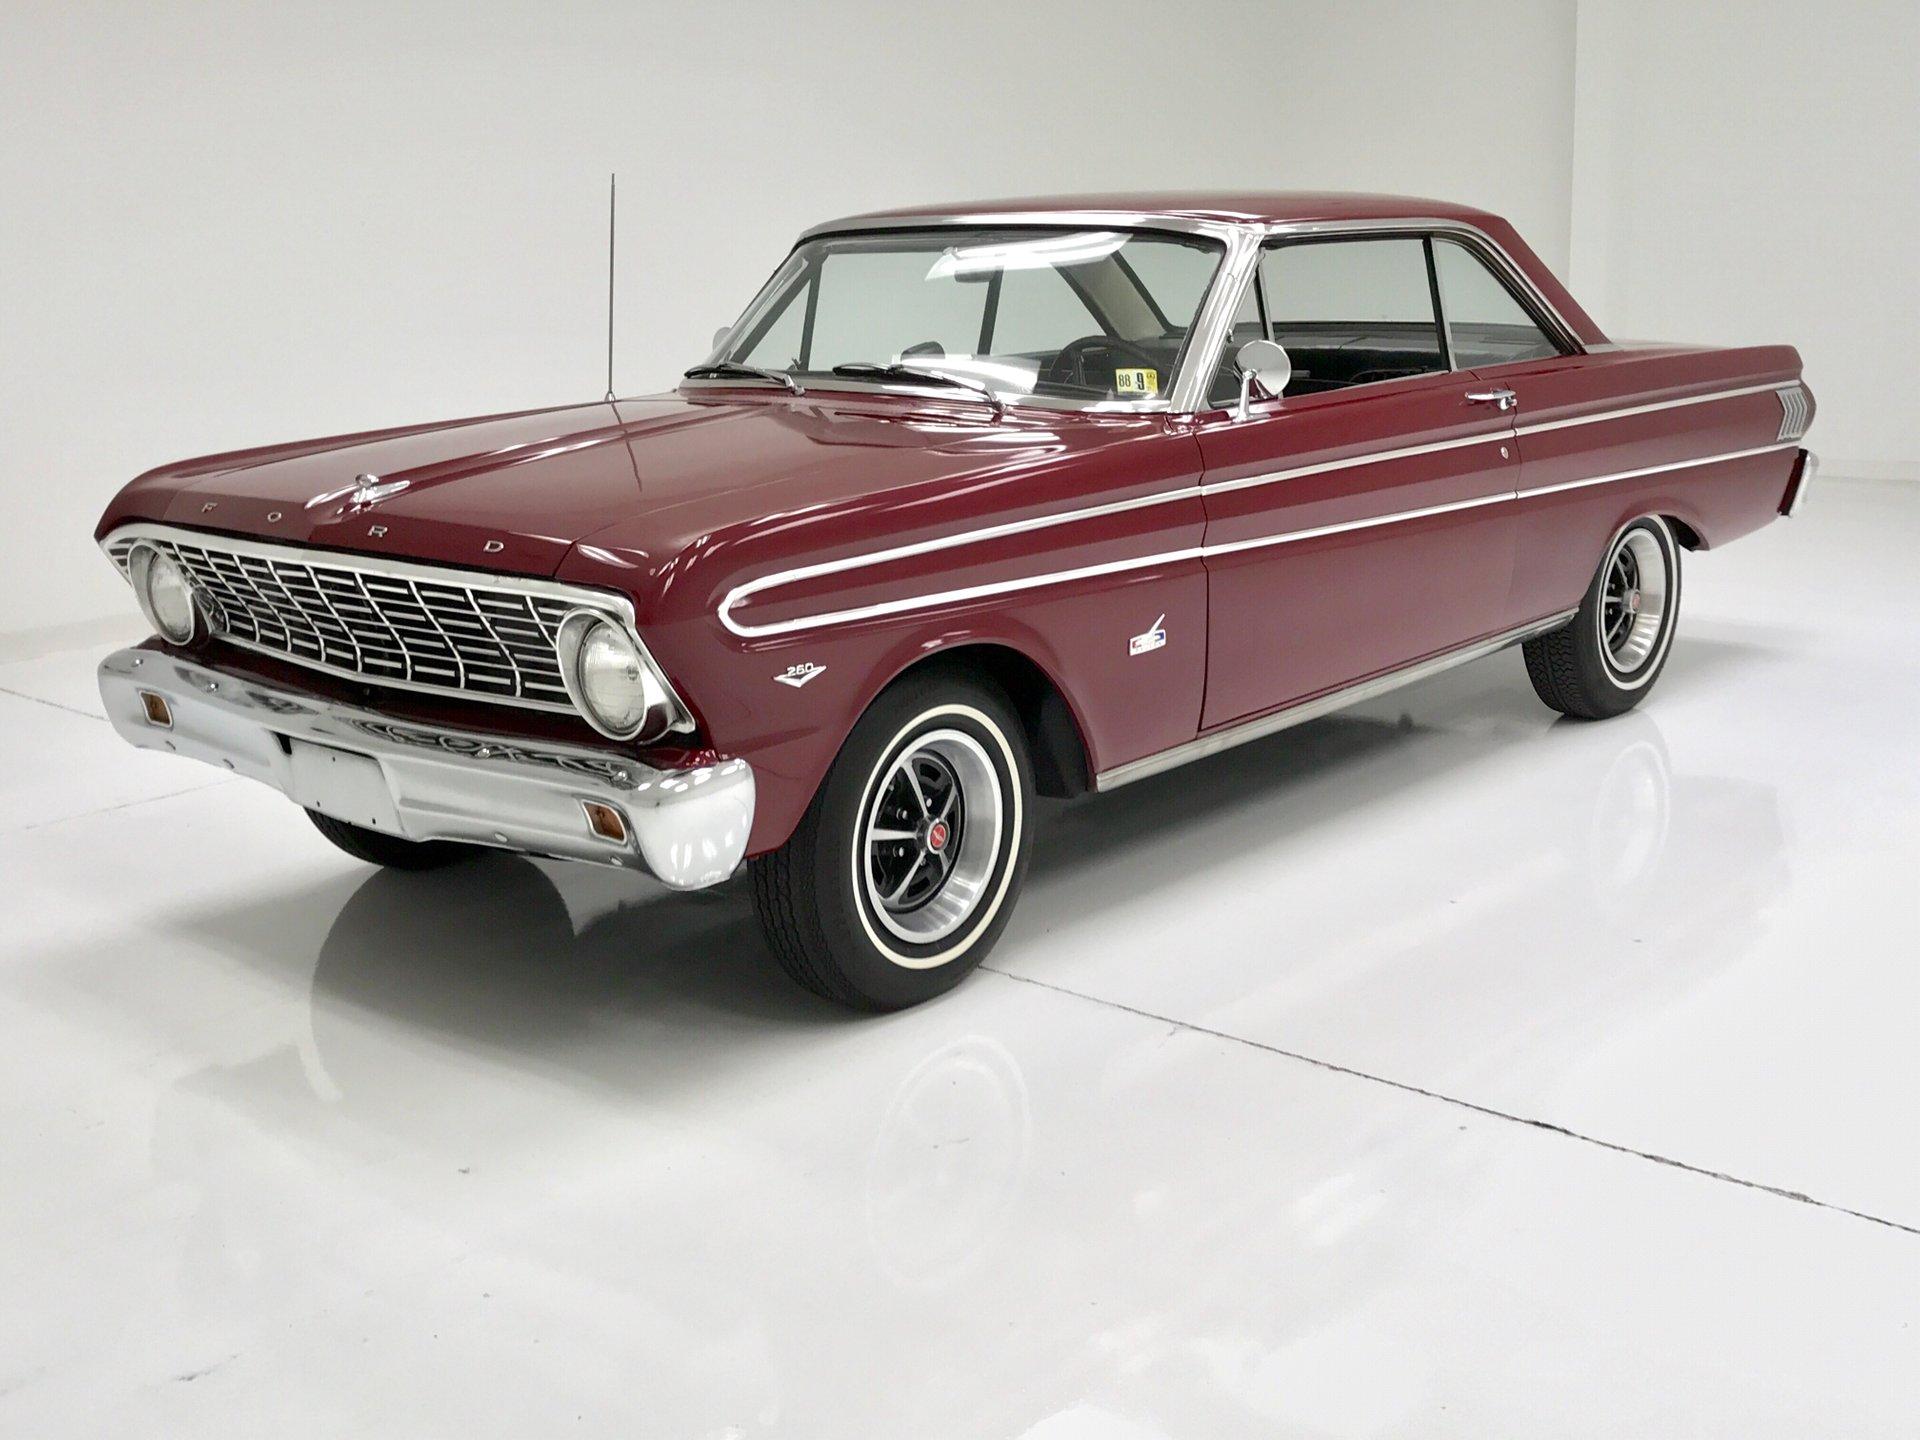 1964 Ford Falcon Classic Auto Mall